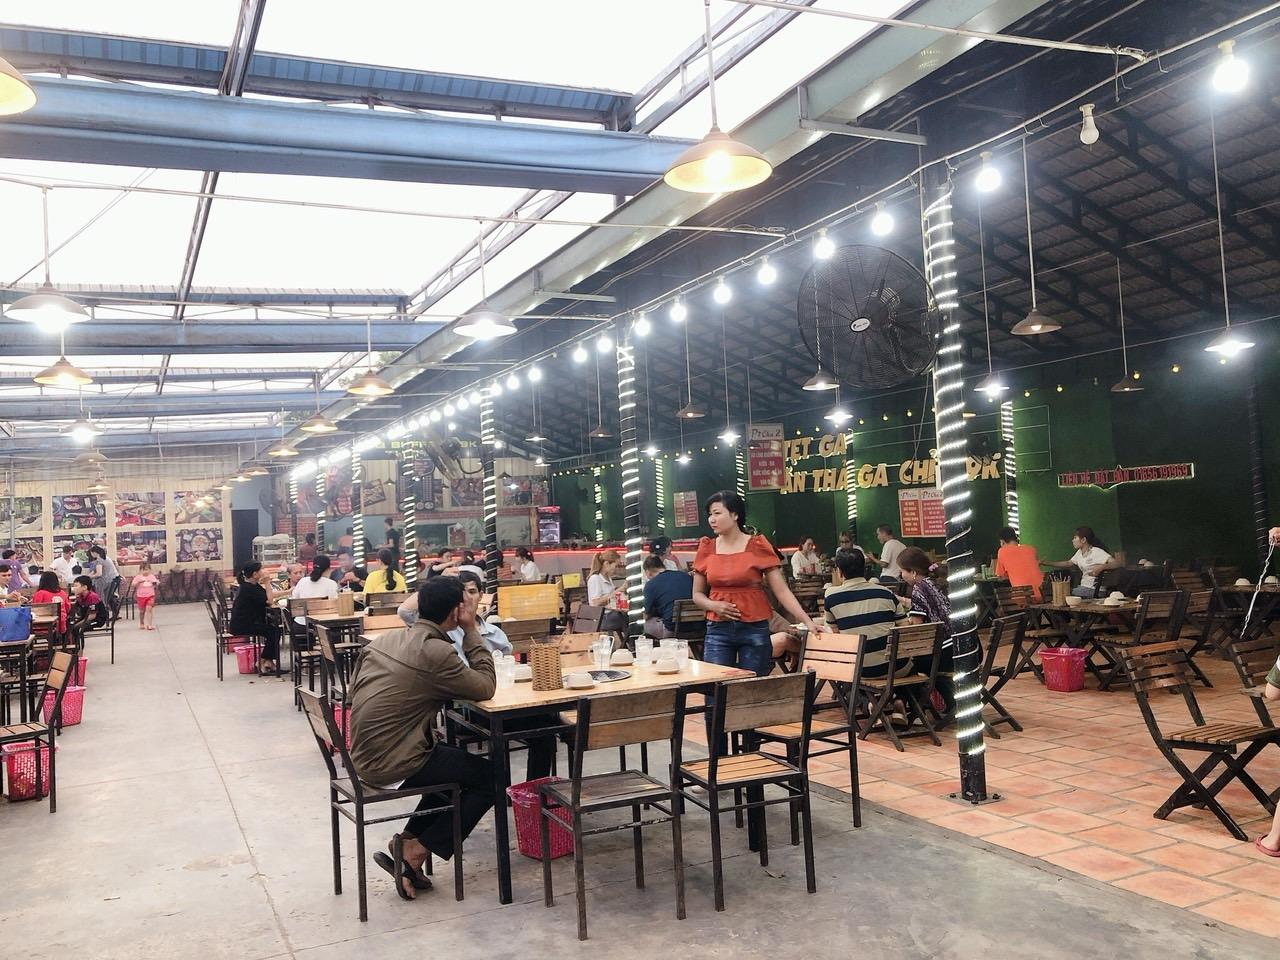 Cần sang lại 1 quán buffe đường số 3 chơn thành do không có người trông coi, quán đầu tư hoàn thiện lượng khách ổn định